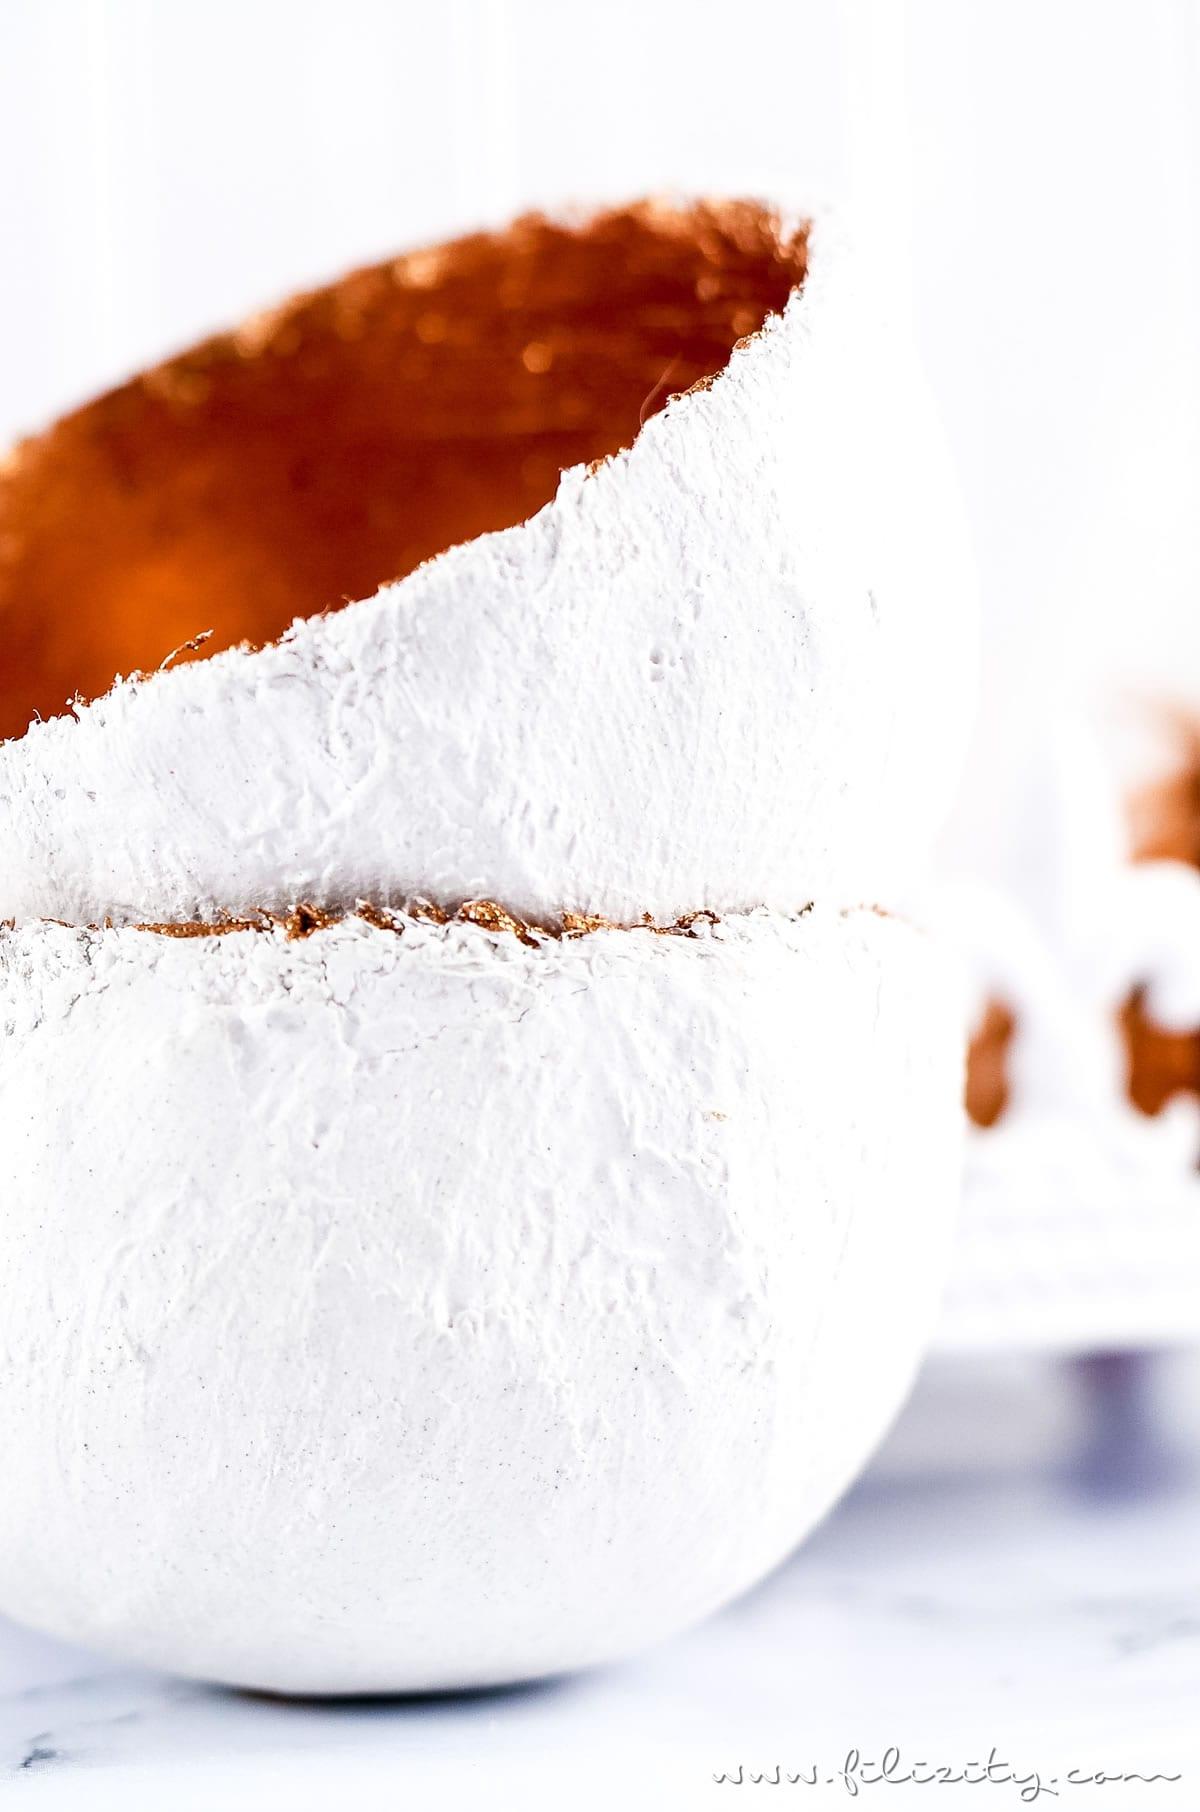 DIY Gips-Schalen mit Kupferdetail basteln | Leichte Deko für Frühling, Sommer & Ostern selber machen | Filizity.com | DIY-Blog aus dem Rheinland #gips #plaster #ostern